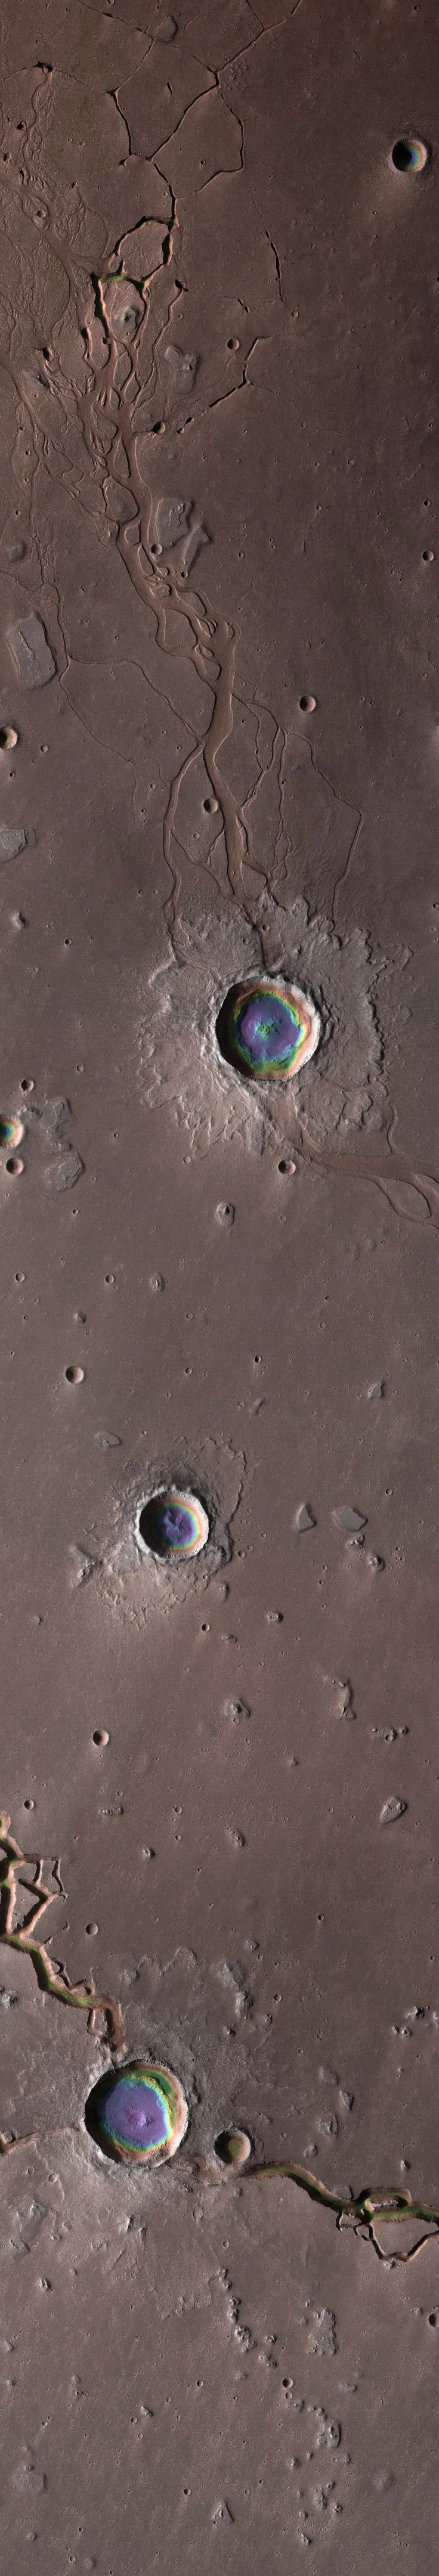 The Depths of Hephaestus Fossae (a system of troughs and channels in the Cebrenia quadrangle of Mars). Las Profundidades de Hephaestus Fossae (un sistema de artesas y canales en el cuadrilátero Cebrenia de Marte).